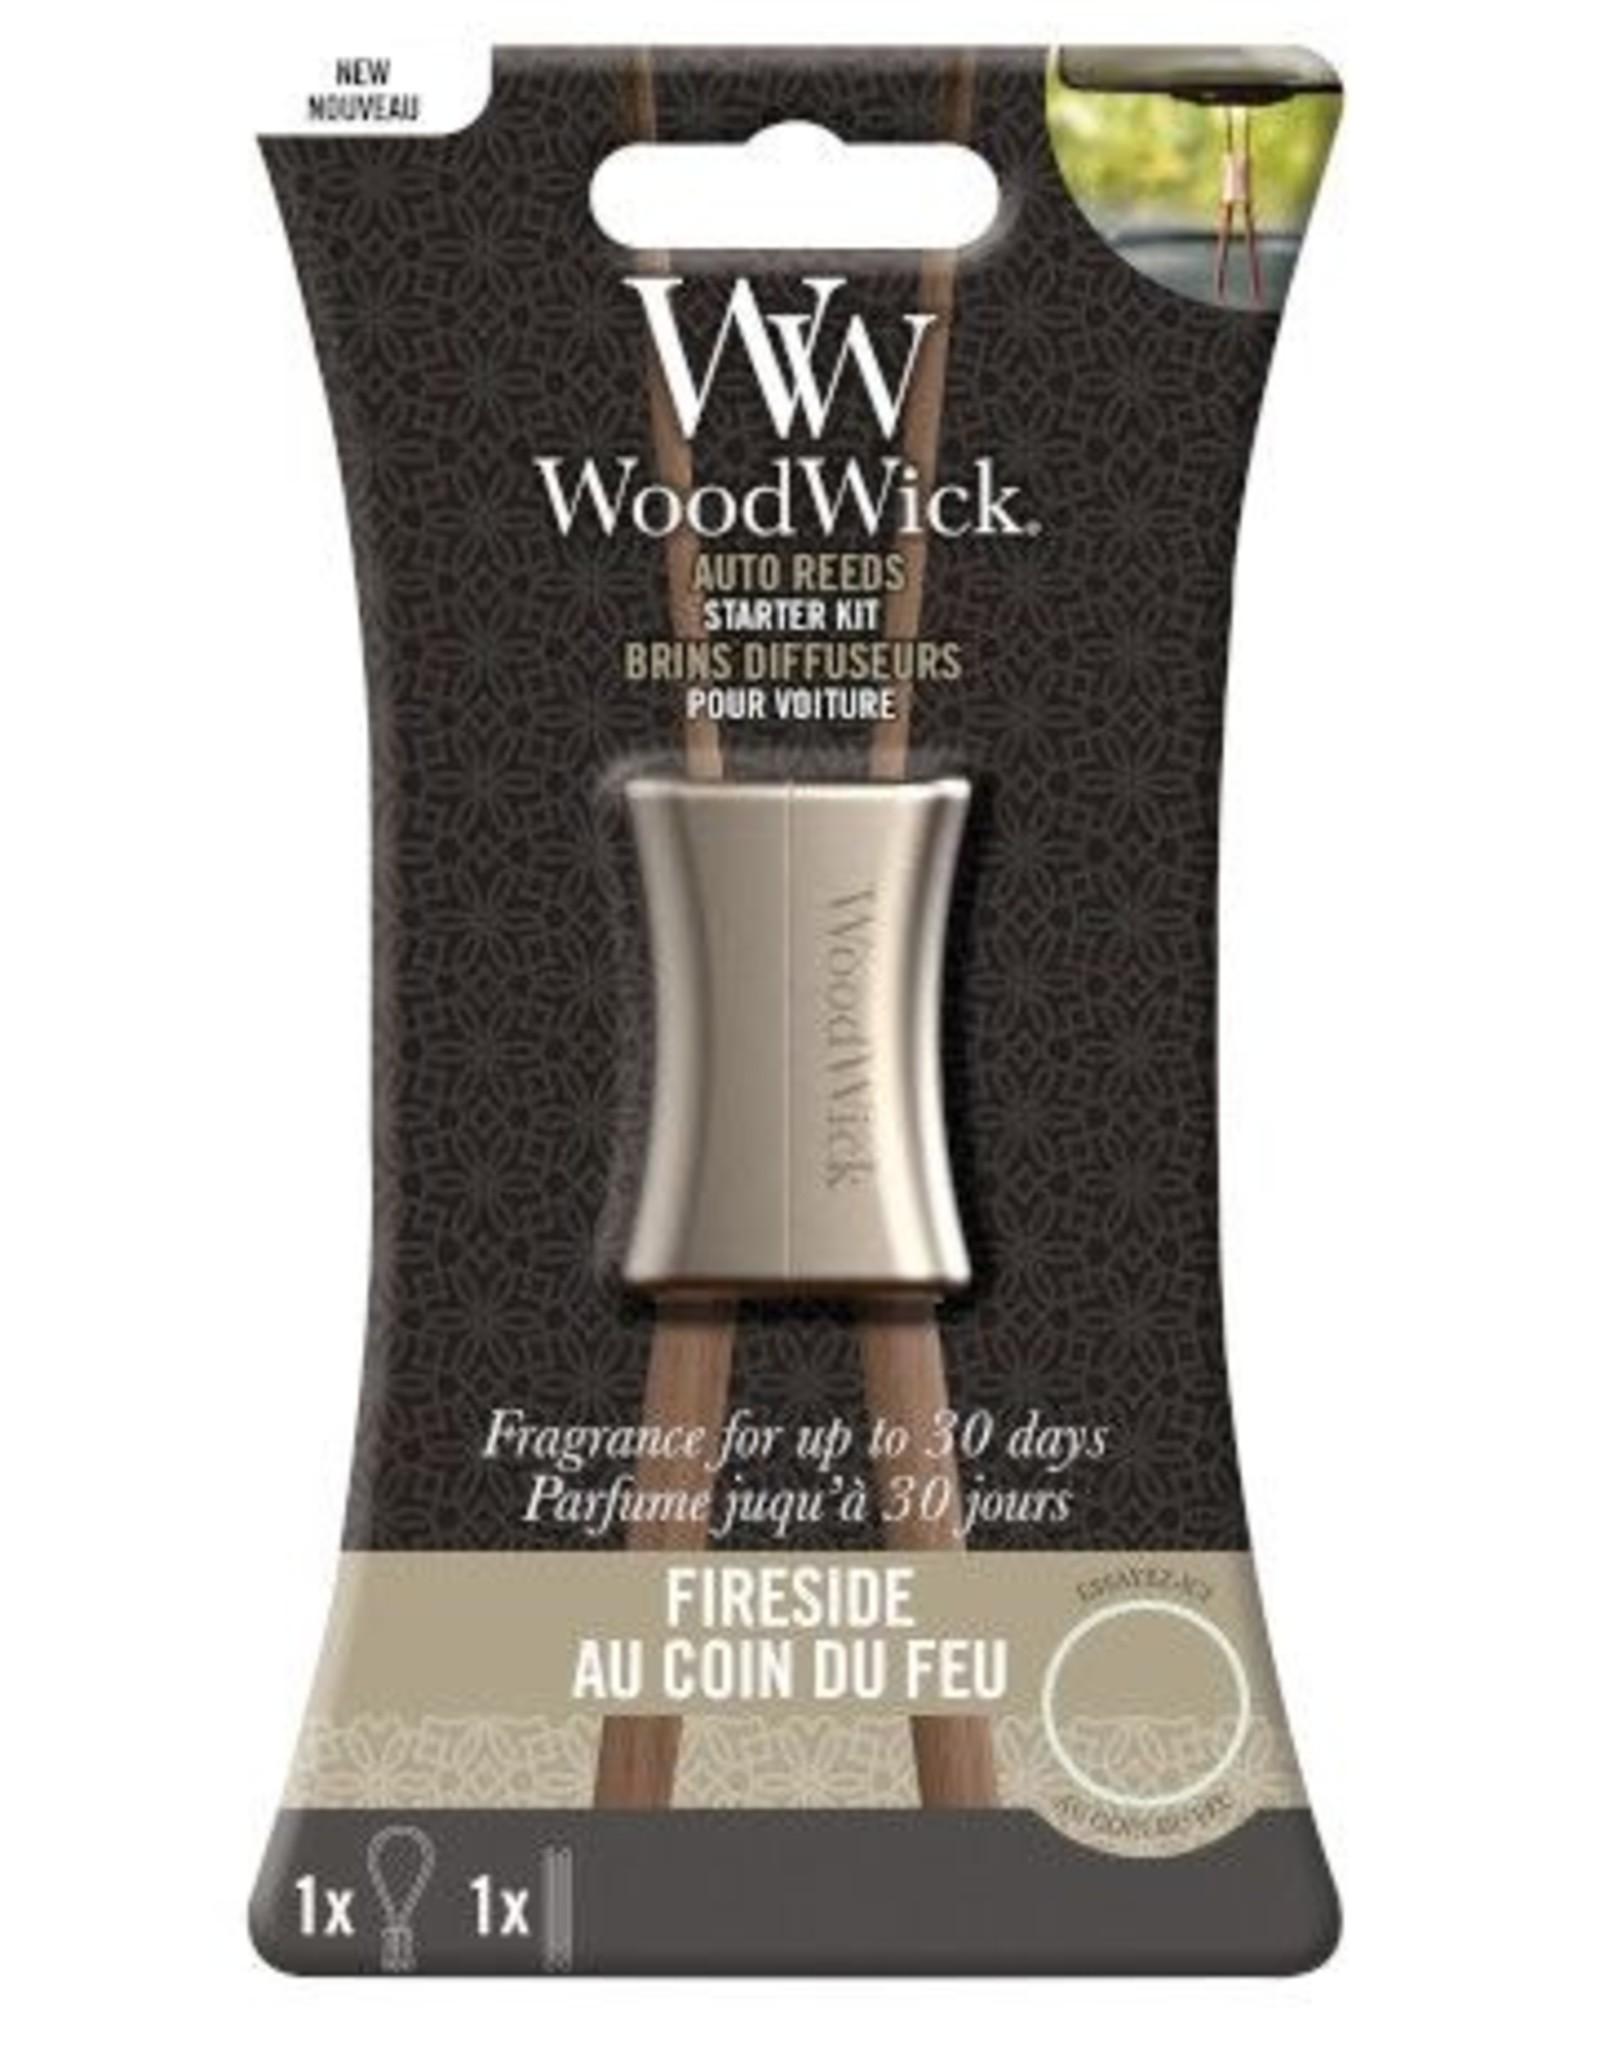 Woodwick Woodwick Auto Reed Starter Kit Fireside